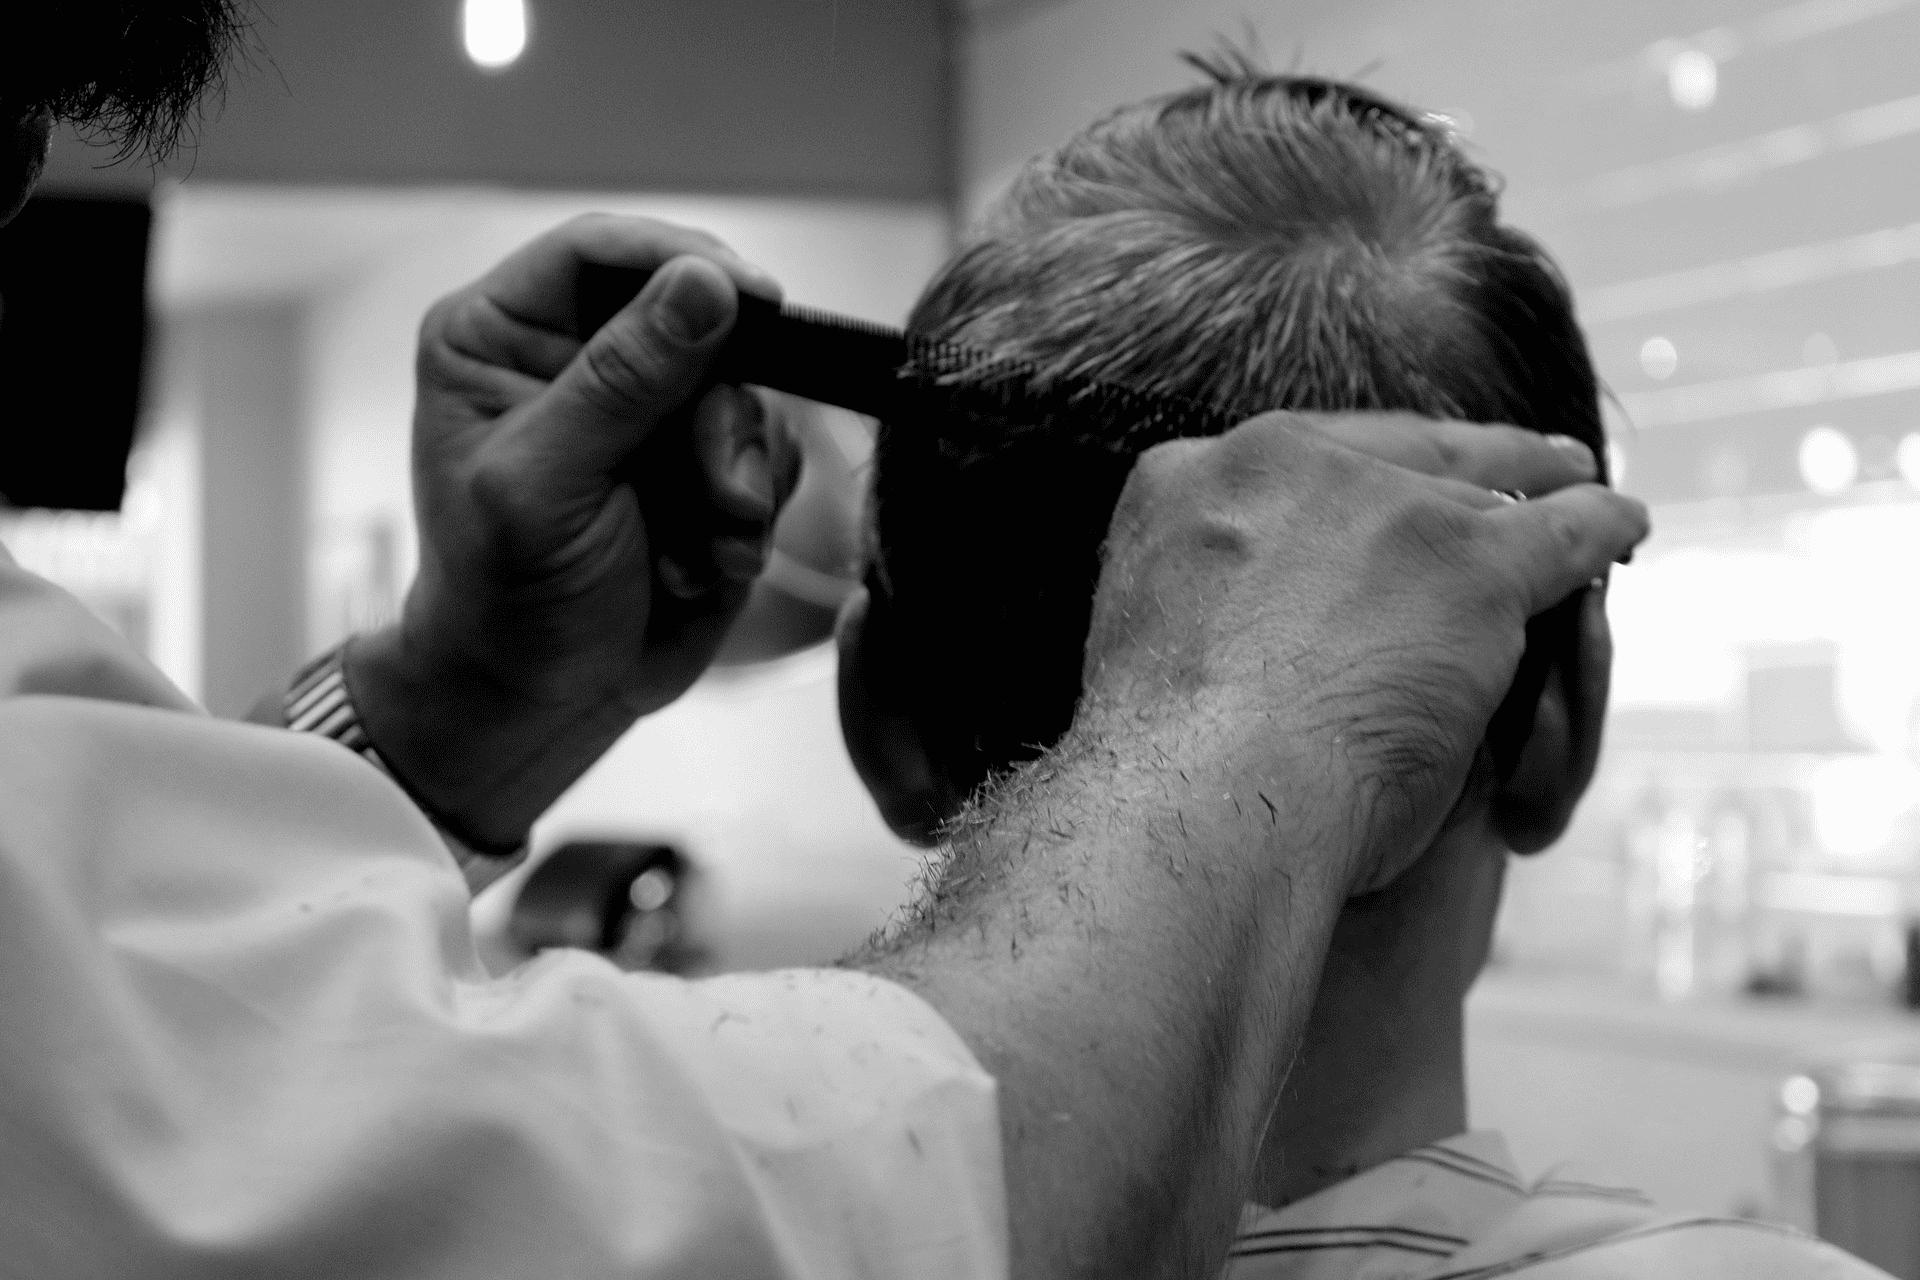 Cortando el pelo a un hombre en una peluquería.